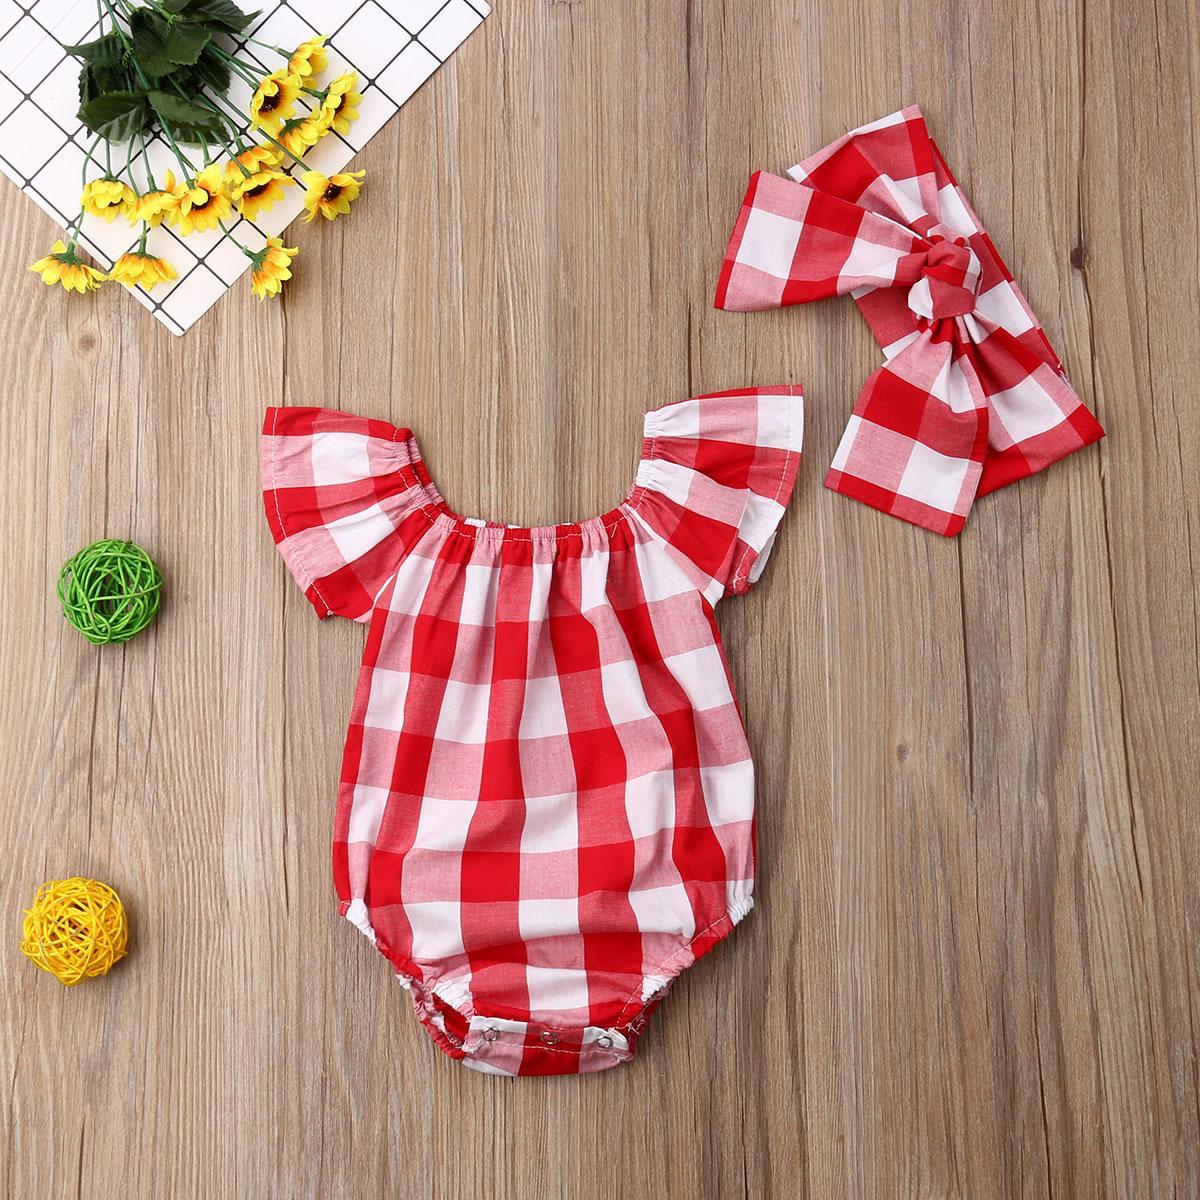 2019 лето Симпатичные малышей ребёнков плед комбинезон короткими рукавами комбинезон женский пляжный костюм техники Красные одежды